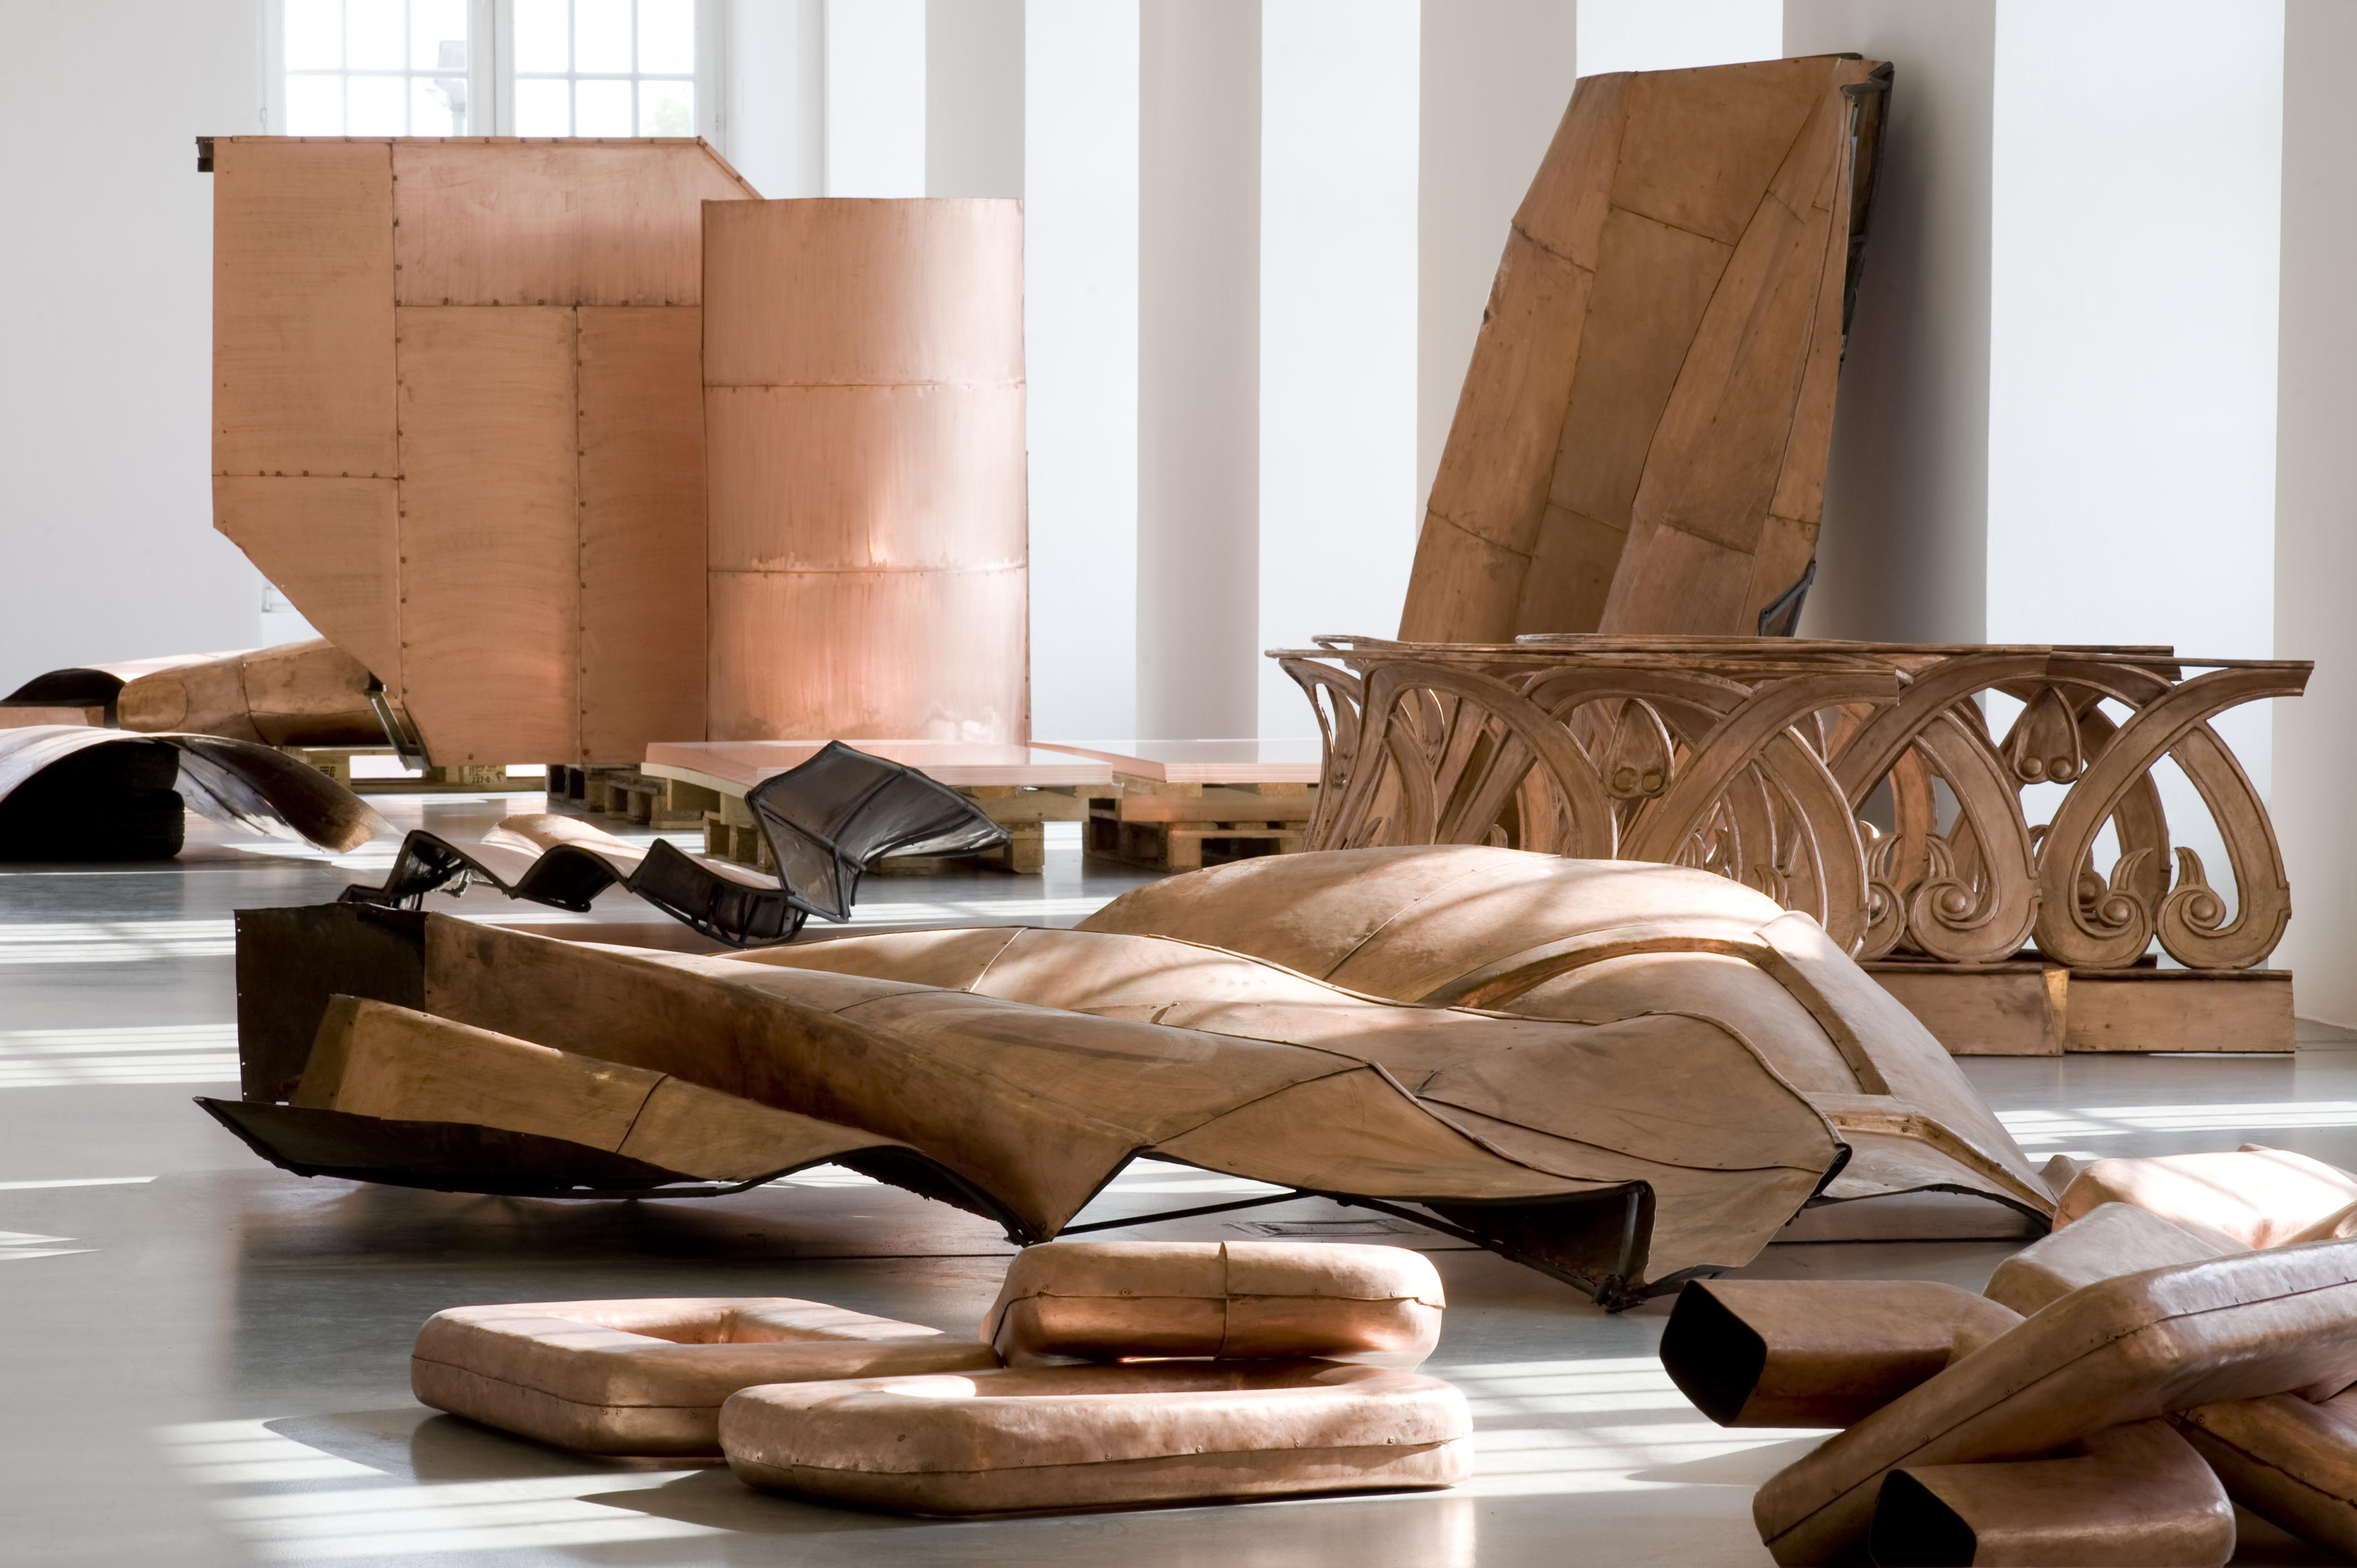 Galerie Chantal Crousel - Group exhibition Bijoux de famille